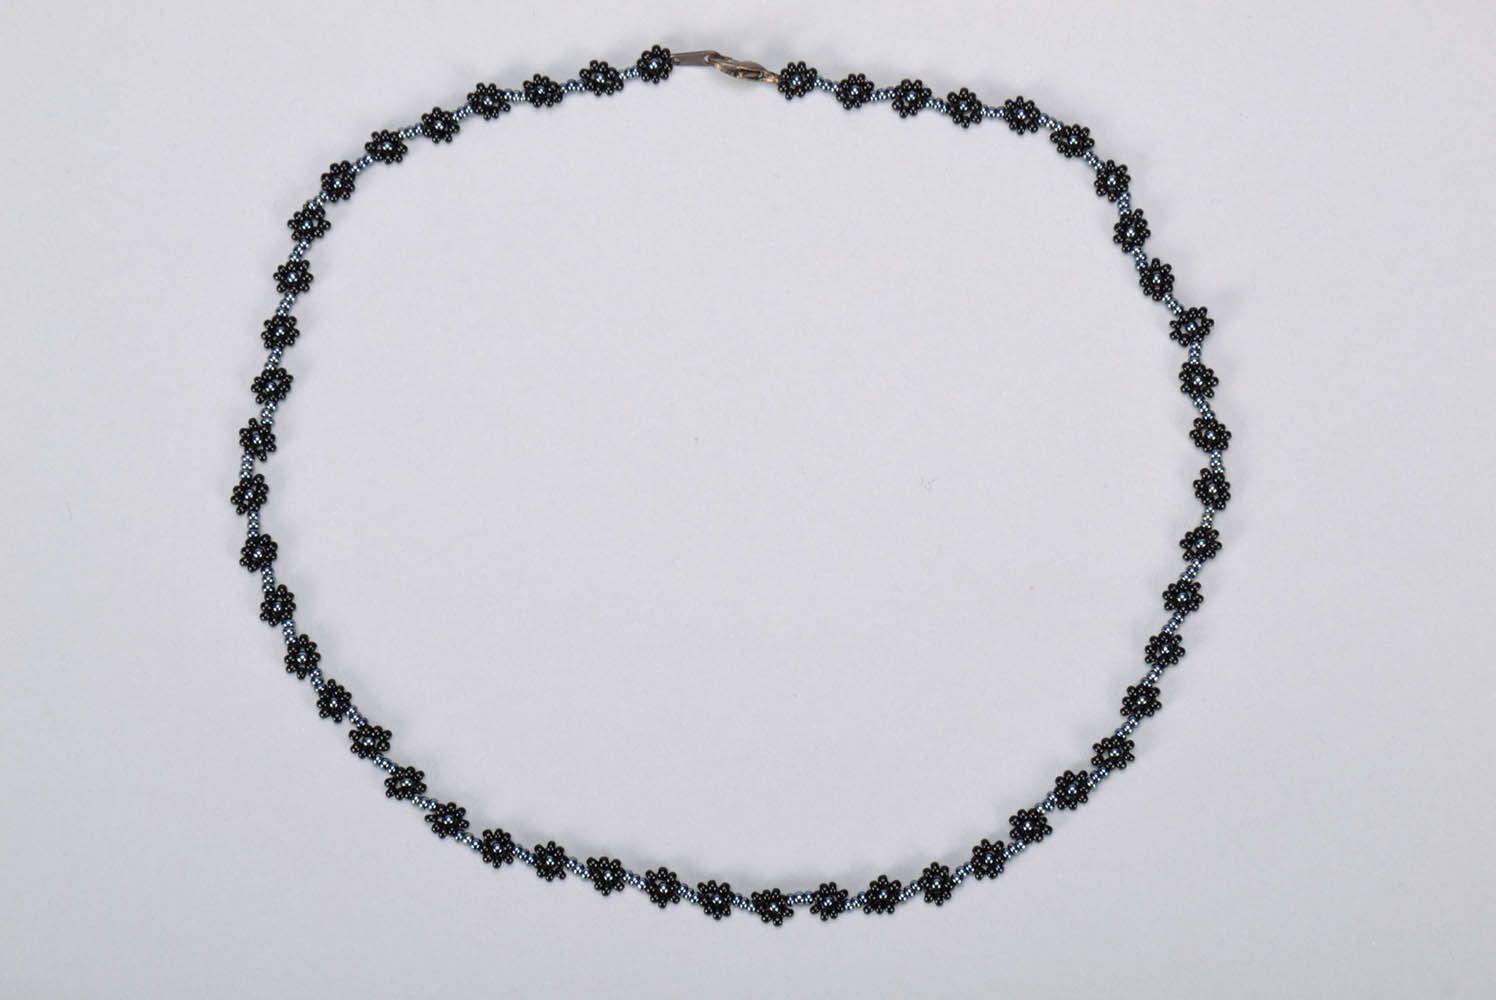 Schwarzes Collier-Armband aus Glasperlen foto 2